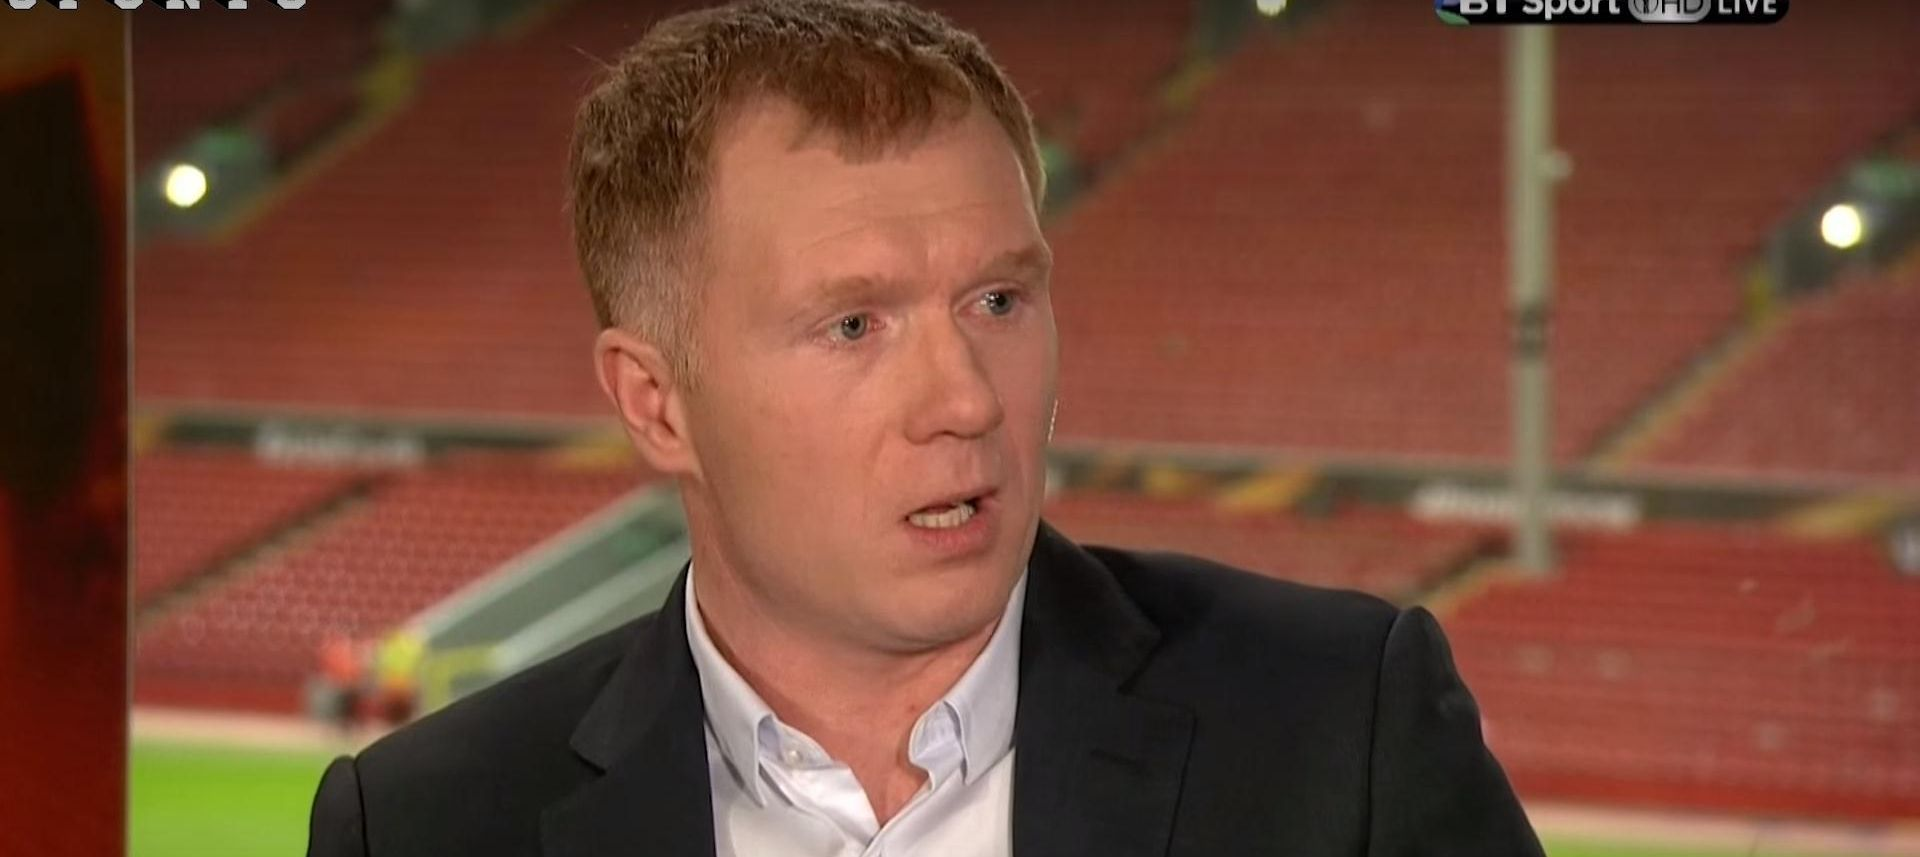 SCHOLES OPET 'UDARA' United se ne smije zadovoljavati četvrtim mjestom, to radi Arsenal svake godine